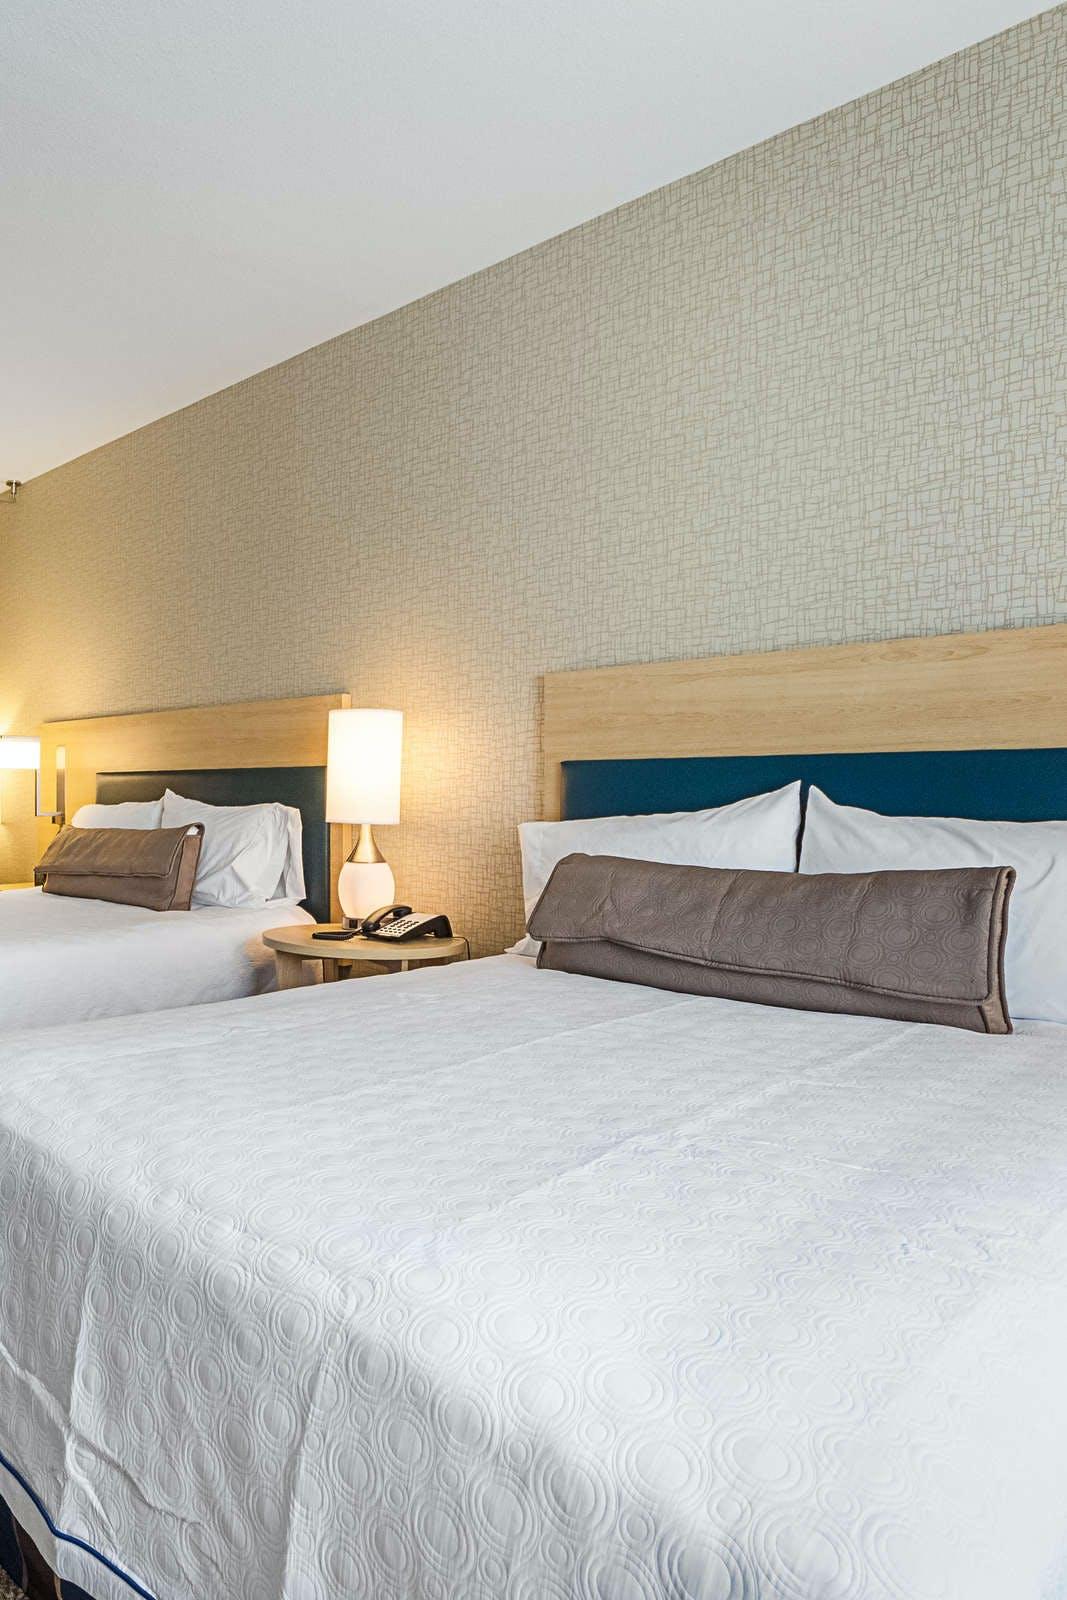 Home2 Suites by Hilton Dallas Grand Prairie